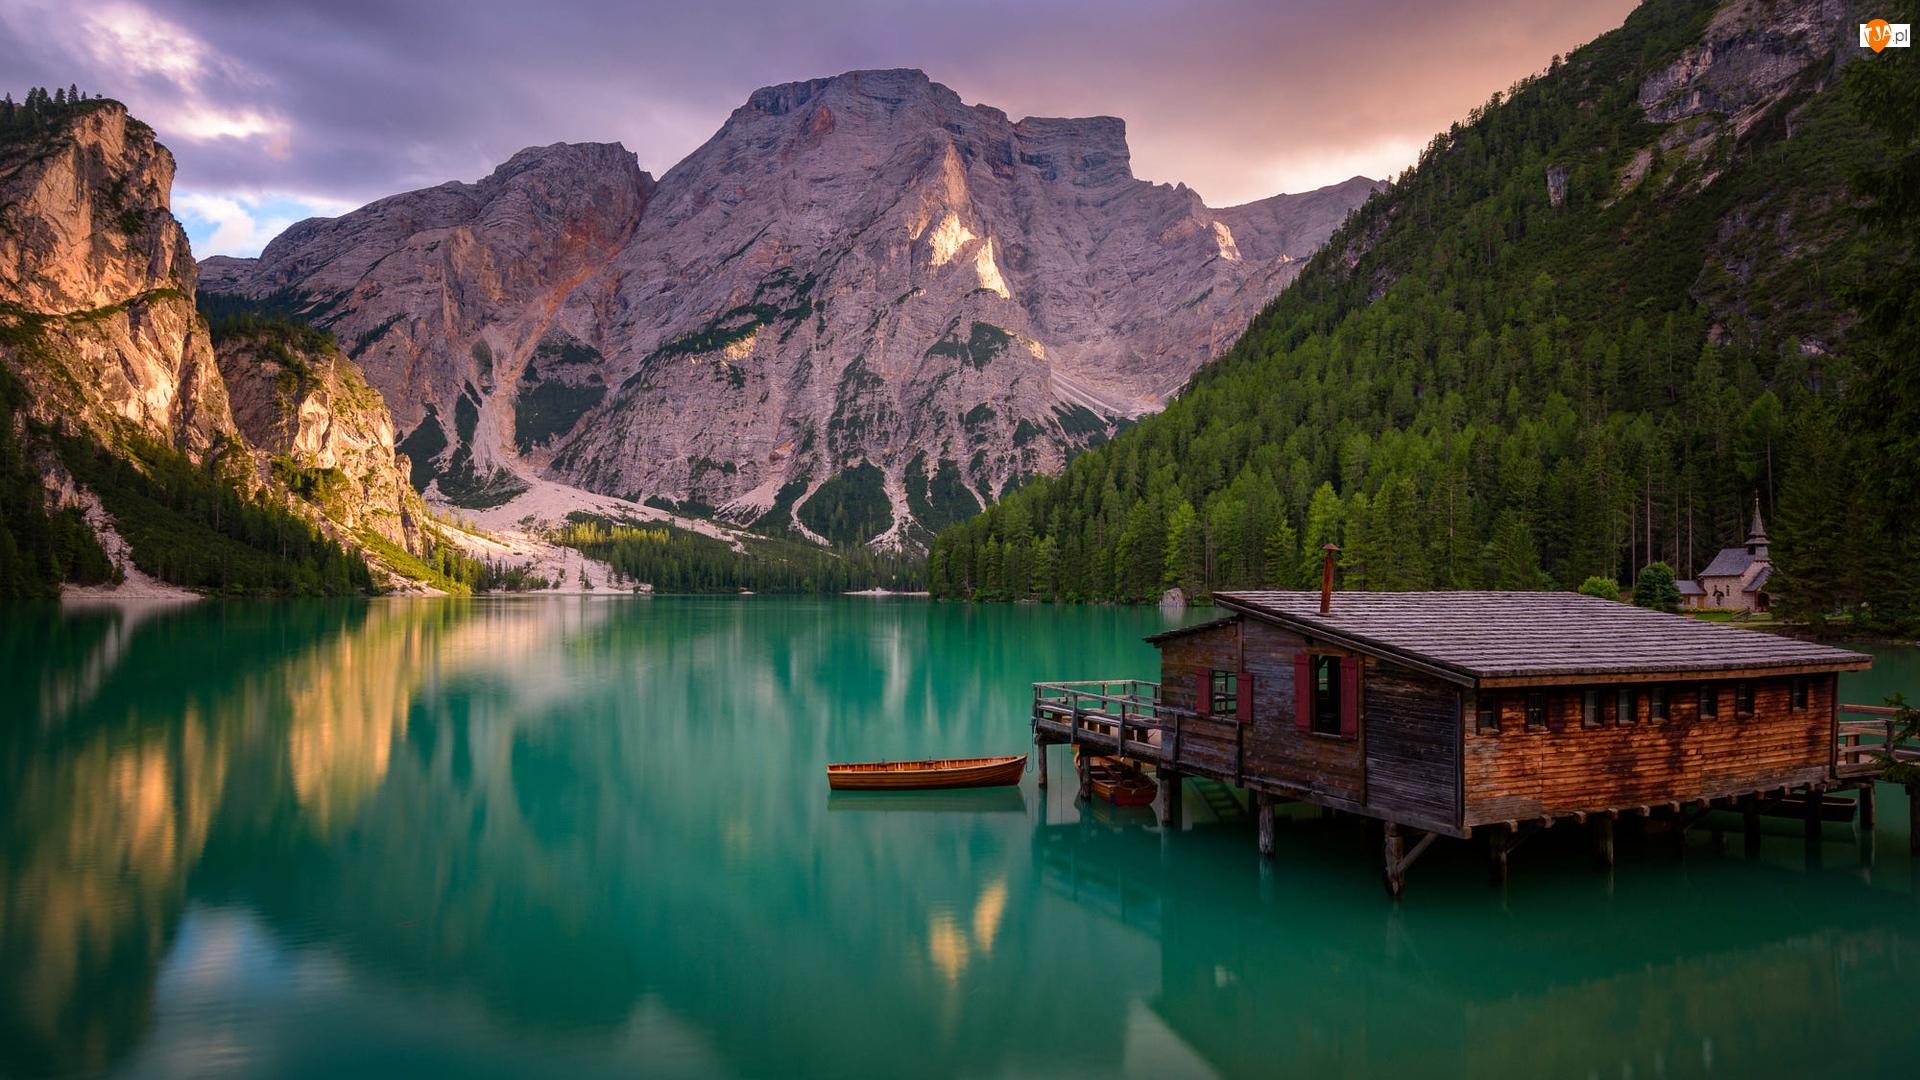 Łódki, Góry, Drzewa, Południowy Tyrol, Dolomity, Włochy, Dom, Jezioro Pragser Wildsee, Drewniany